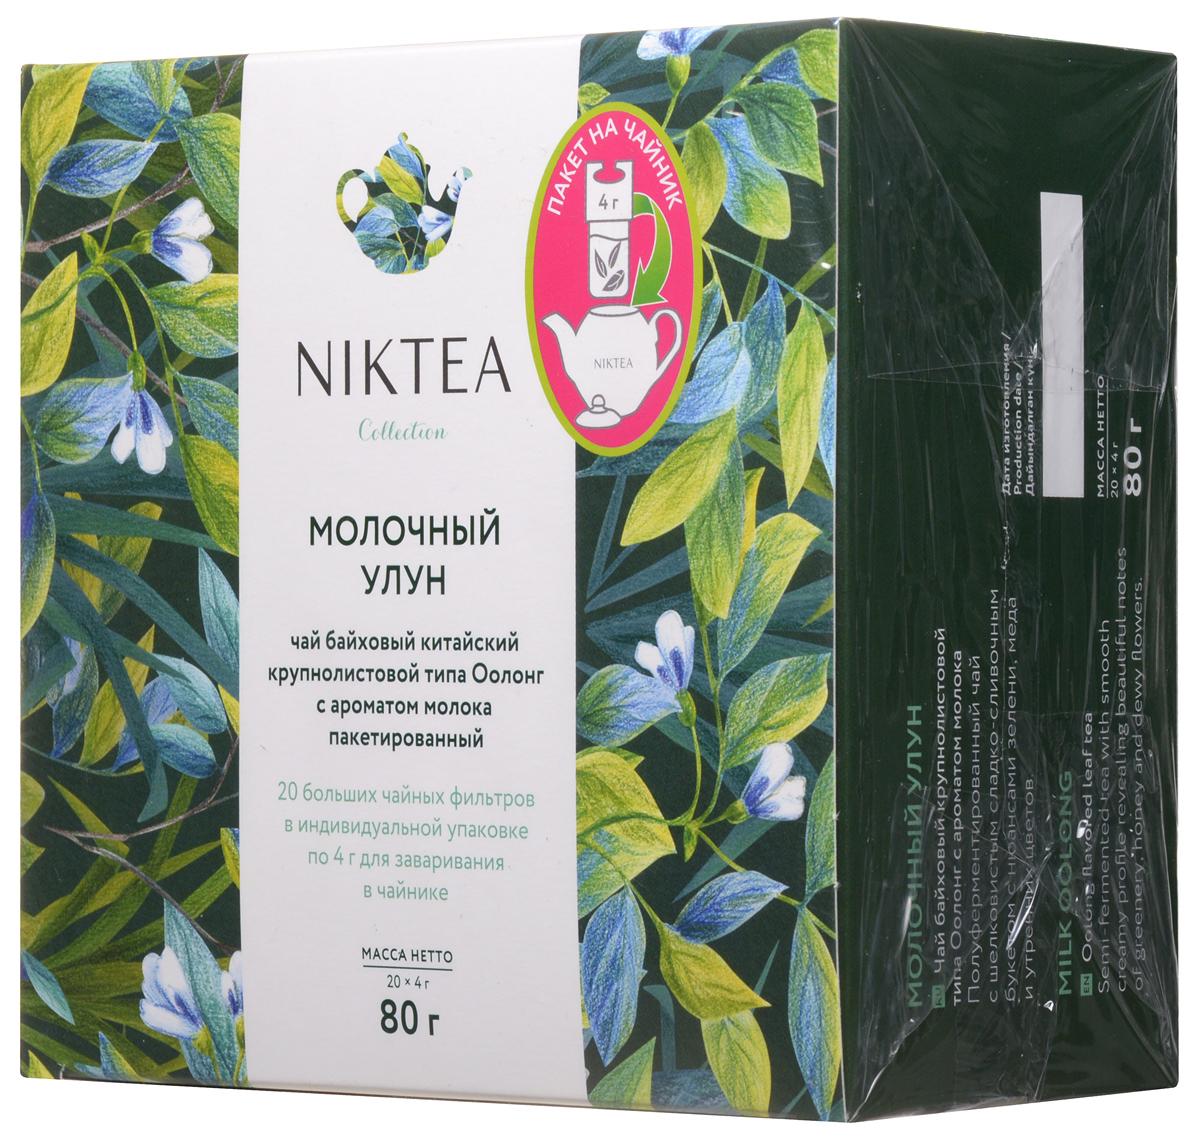 Niktea Milk Oolong чай зеленый для чайника, 20 пакетов по 4 г0120710Niktea Milk Oolong - полуферментированный чай c шелковистым сладко-сливочным букетом с нюансами зелени, меда и утренних цветов.Коллекция NikTea разработана командой экспертов, имеющих богатый опыт в чайной индустрии. Во время ее создания выбирались самые надежные поставщики из Европы и стран происхождения чая, а в линейку включили не только топовые аутентичные позиции, но и новые интересные рецептуры в традициях современной чайной миксологии.NikTea - это действительно качественный чай. Для истинных ценителей мы предлагаем безупречное качество: отборное сырье, фасовку на высокотехнологичном производственном комплексе в России, постоянный педантичный контроль готового продукта, а также сертификацию сырья по международным стандартам.NikTea - это разнообразие. В линейках листового и пакетированного чаяпредставлены все основные группы вкусов - от классического черного и зеленого чая до ароматизированных, фруктовых и травяных композиций.NikTea - это стиль. Необычная упаковка с модным авторским дизайном создает яркий и запоминающийся стиль, а интересные коктейльные рецептуры дают возможность экспериментировать со вкусами.NikTea для чайников - коллекция листового чая, упакованного в специальные фильтр-пакеты, рассчитанные под чайник.В коллекции представлены 6 основных must have вкусов - каждый сможет выбрать себе чай по душе. Удобство заваривания чая из этой коллекции нельзя недооценить:просто достаньте фильтр-пакет из индивидуального полупрозрачного конверта-саше и опустите его в заварочный чайник, далее следуйтеинструкции по завариванию конкретного купажа. Большой фильтр из специального волокна не разрушается в кипятке, обладает отличной пропускной способностью.